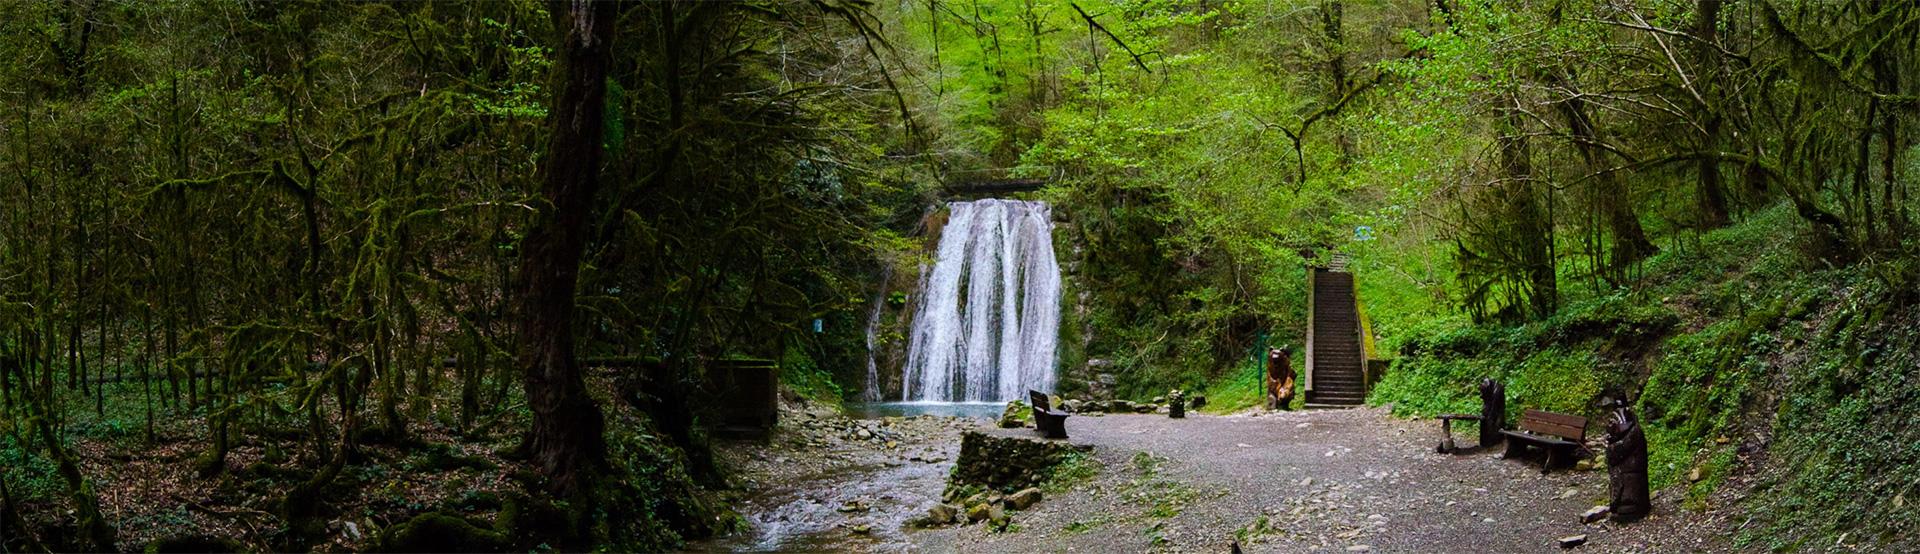 Ореховский и Ажекский водопады в Сочи: как добраться, фото